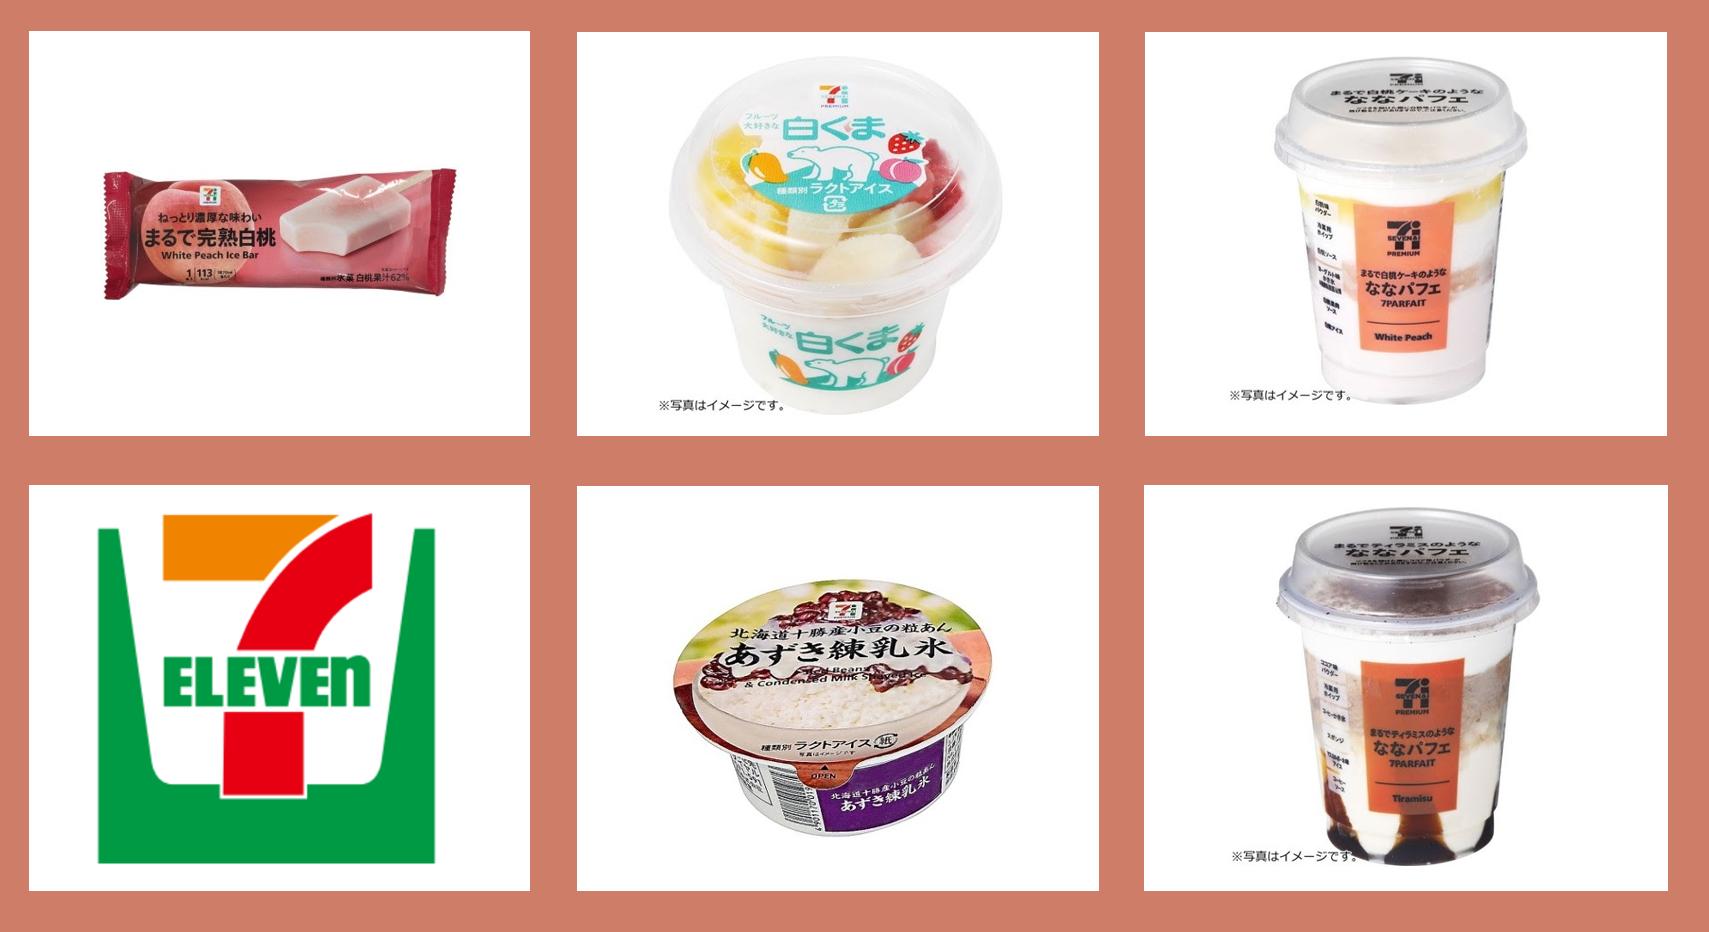 【7月27日最新】セブンイレブンの新作アイス特集!チョコや抹茶の人気アイスから、定番の箱アイスまでお届け!